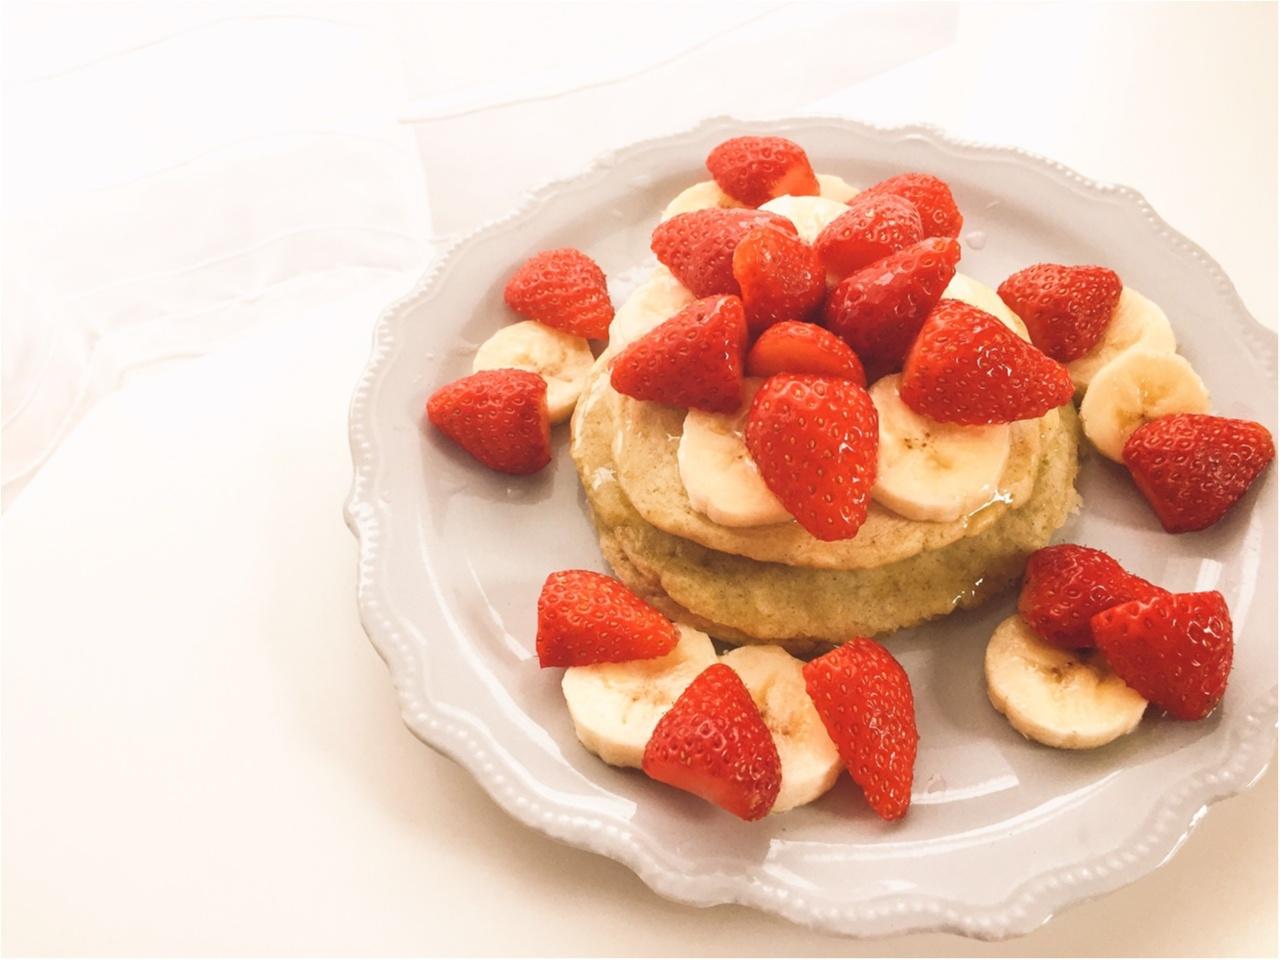 【おうちカフェ】シンプルな美味しさ!ふわもち食感がたまらないっ!『九州パンケーキ』で朝が楽しみになる!!_5